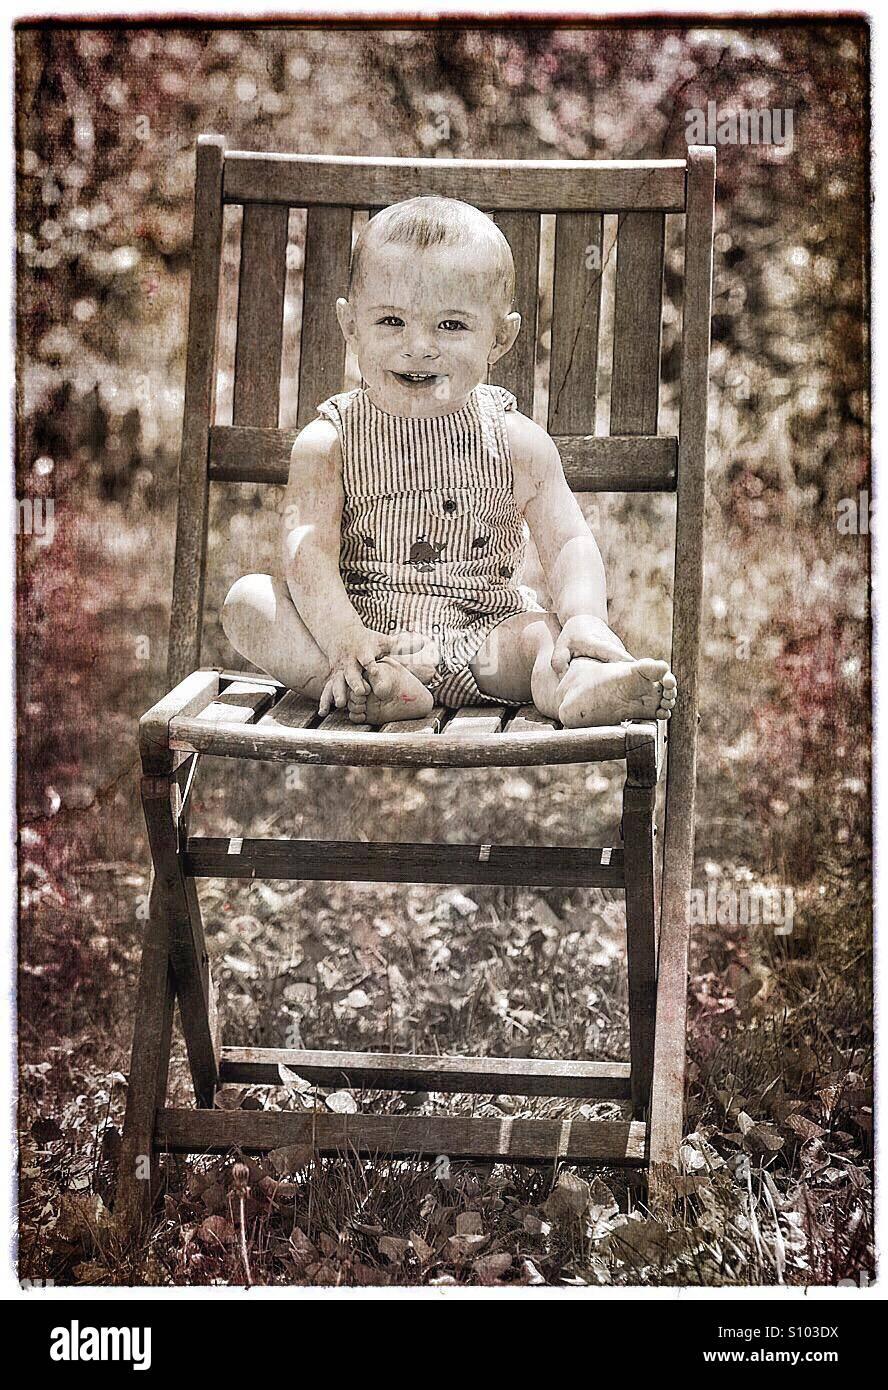 Bebé con gran sonrisa sentado en una silla de exterior. Imagen De Stock